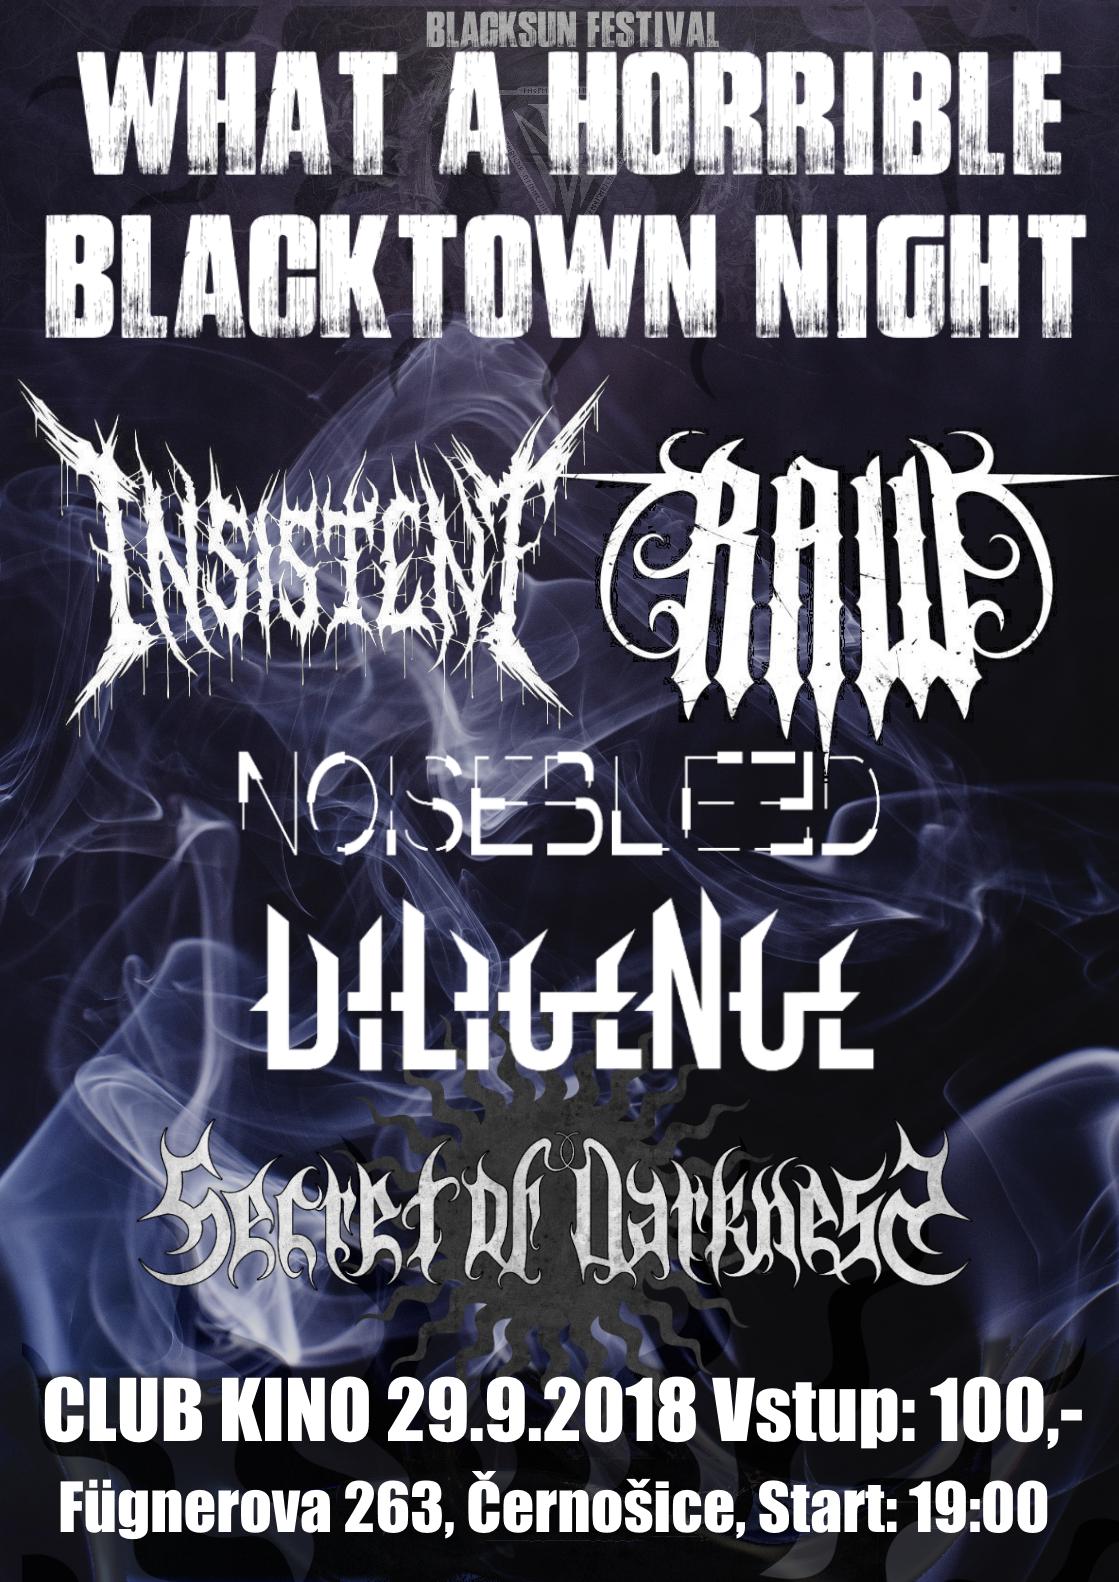 What a horrible Blacktown night - Jaká to odporná Černošická noc!